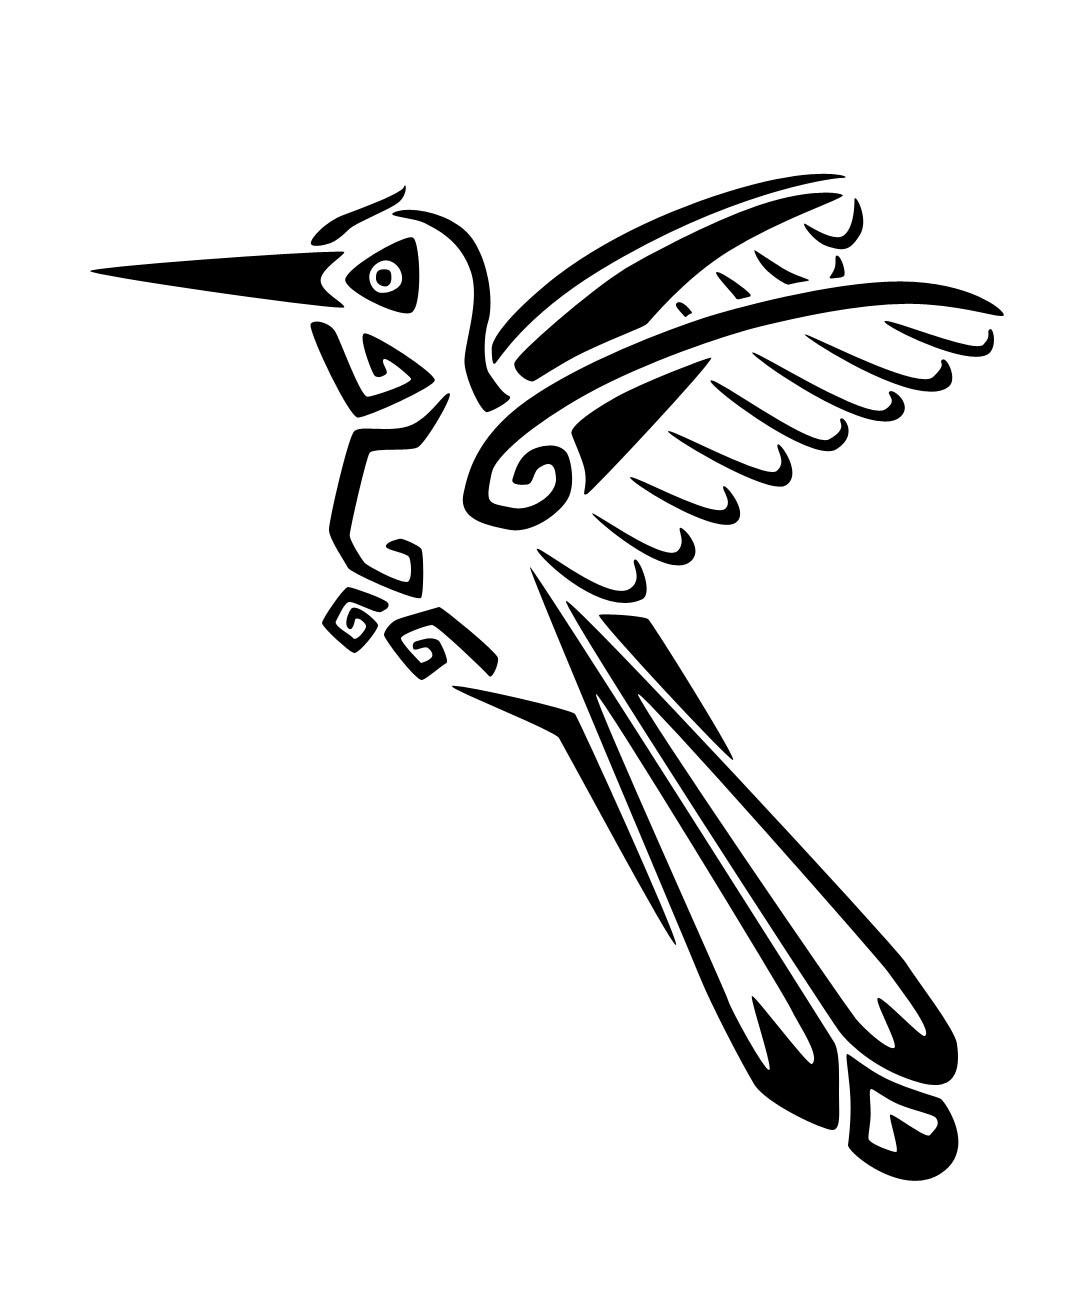 Great tribal hummingbird tattoo design